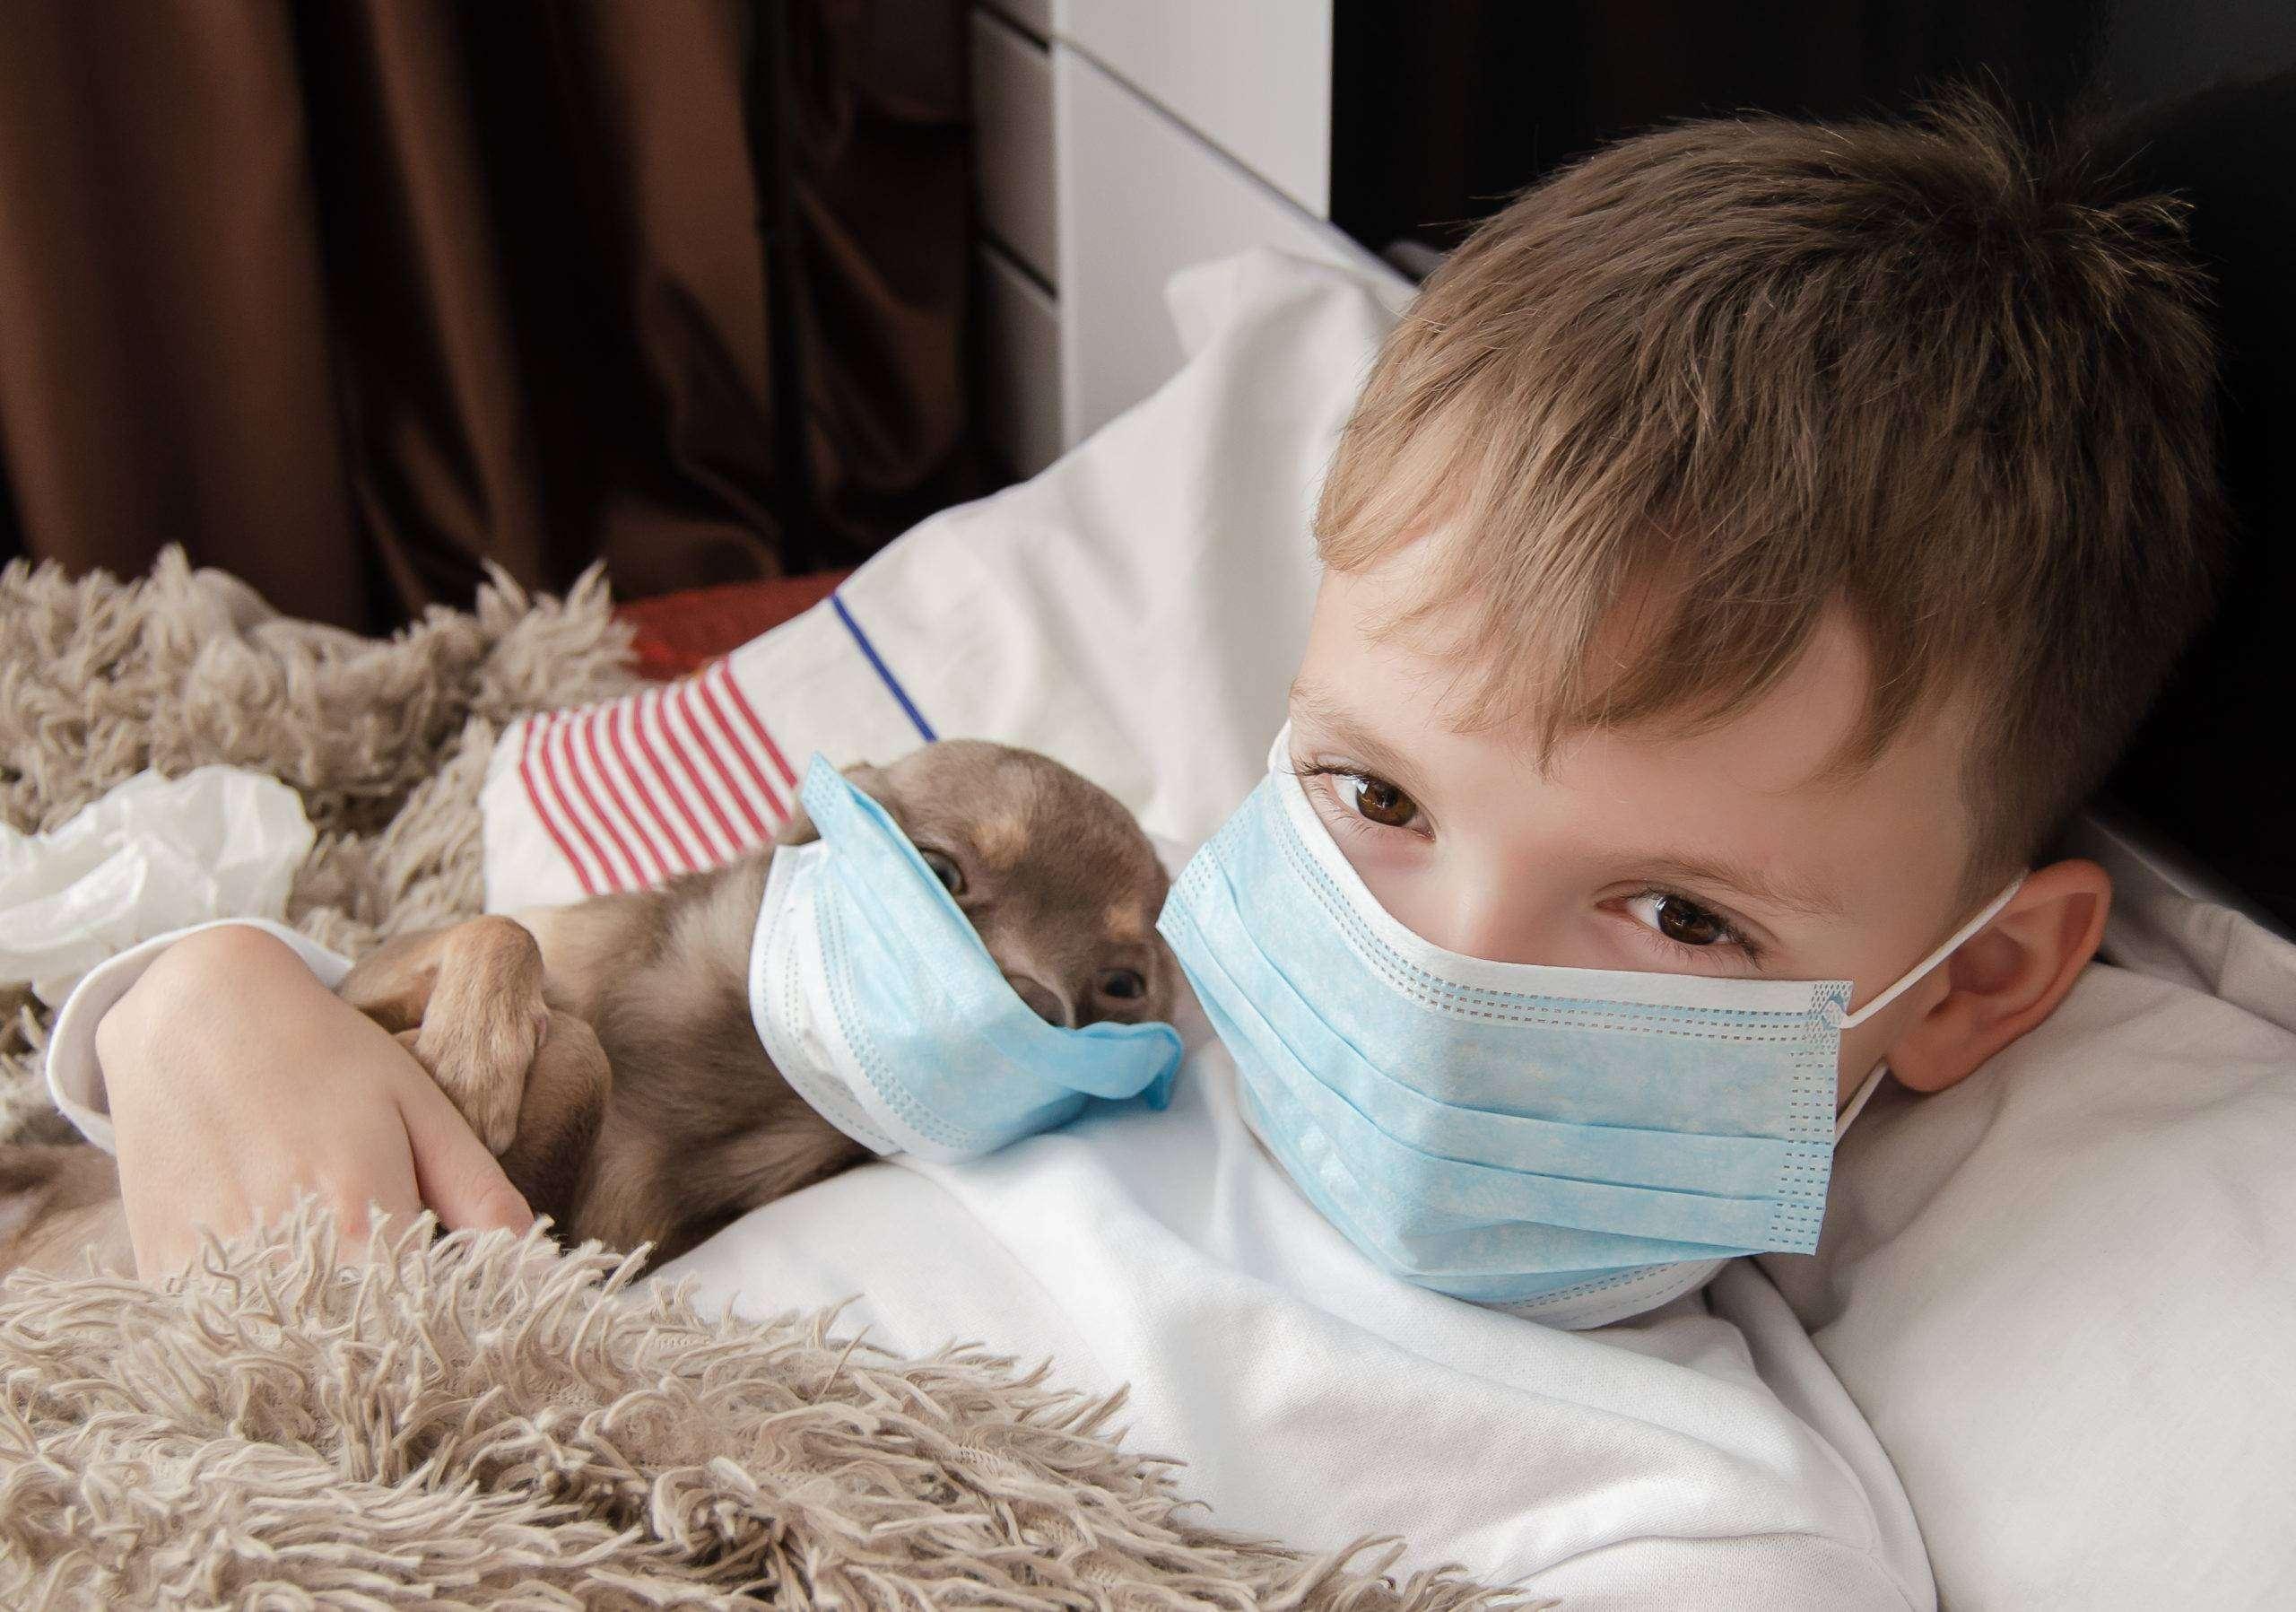 कोरोना अपडेट: नए शोध का दावा बच्चों की श्वांस नली में हफ्तों तक जिंदा रह सकता है कोरोना वायरस